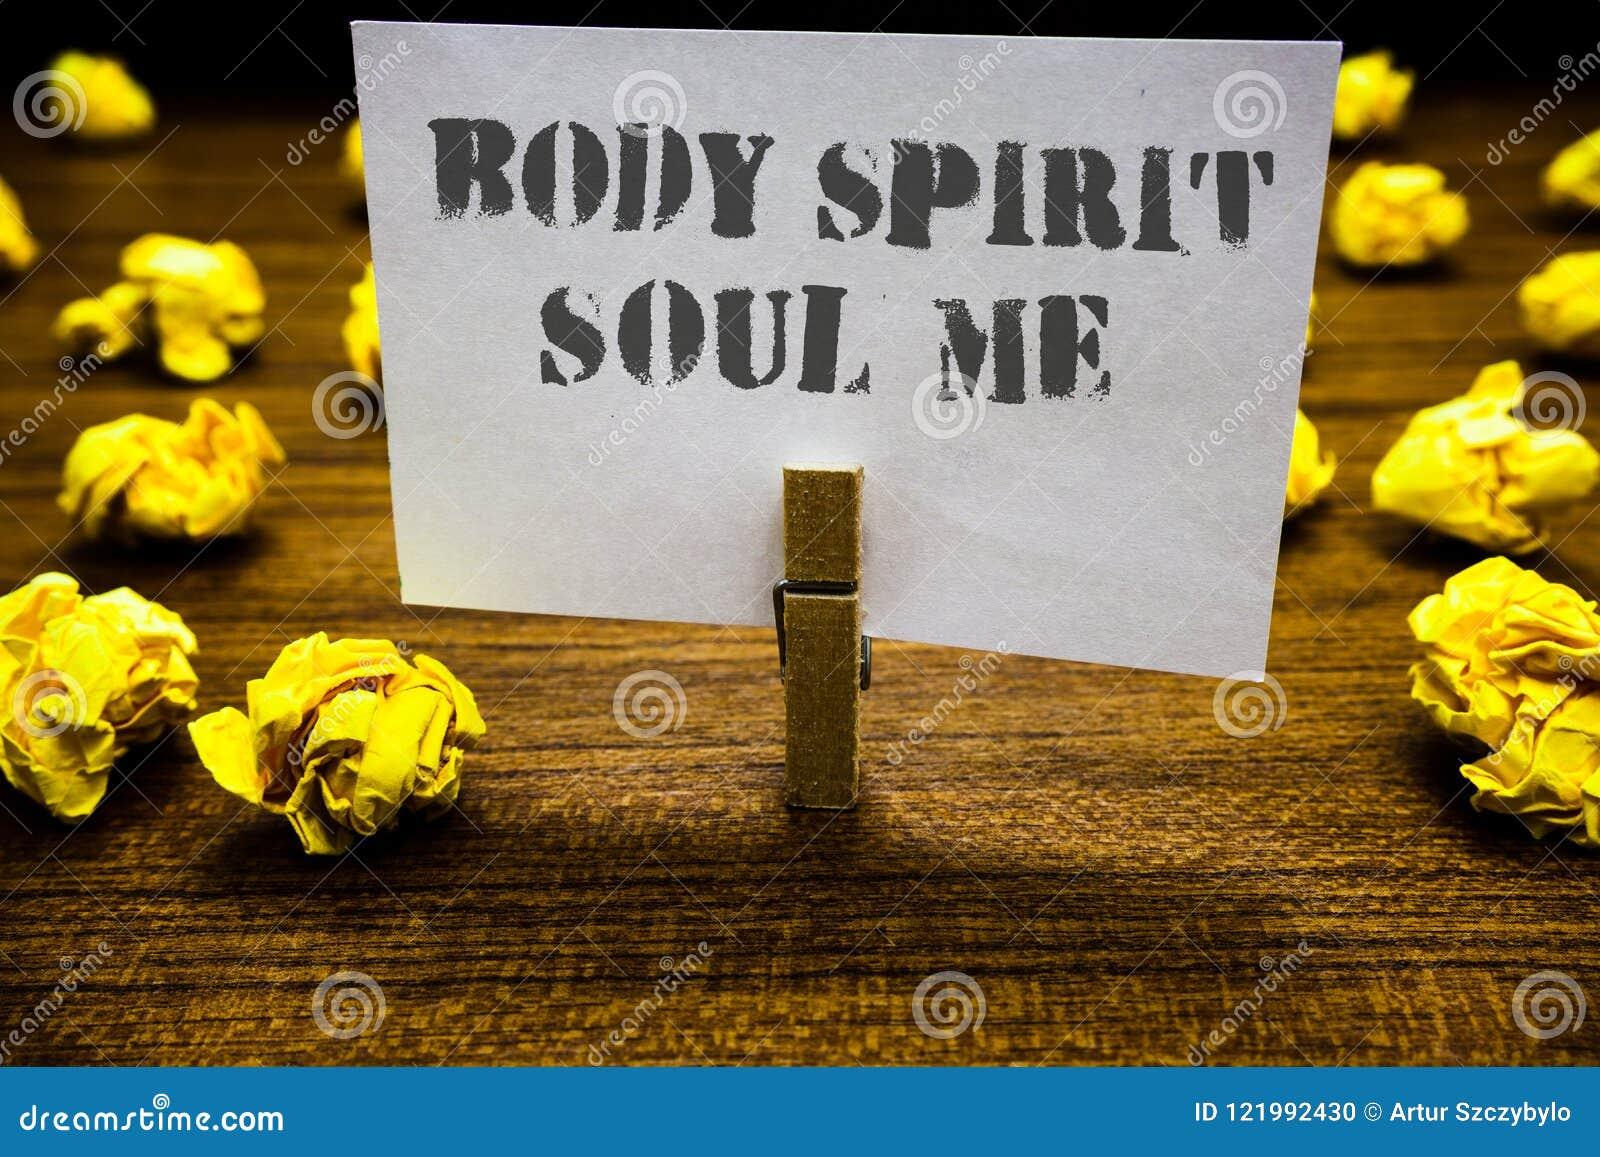 Σημάδι κειμένων που παρουσιάζει στην ψυχή πνευμάτων σώματος με Εννοιολογικό πιάσιμο άσπρο π Paperclip ψυχικών διαθέσεων συνείδηση